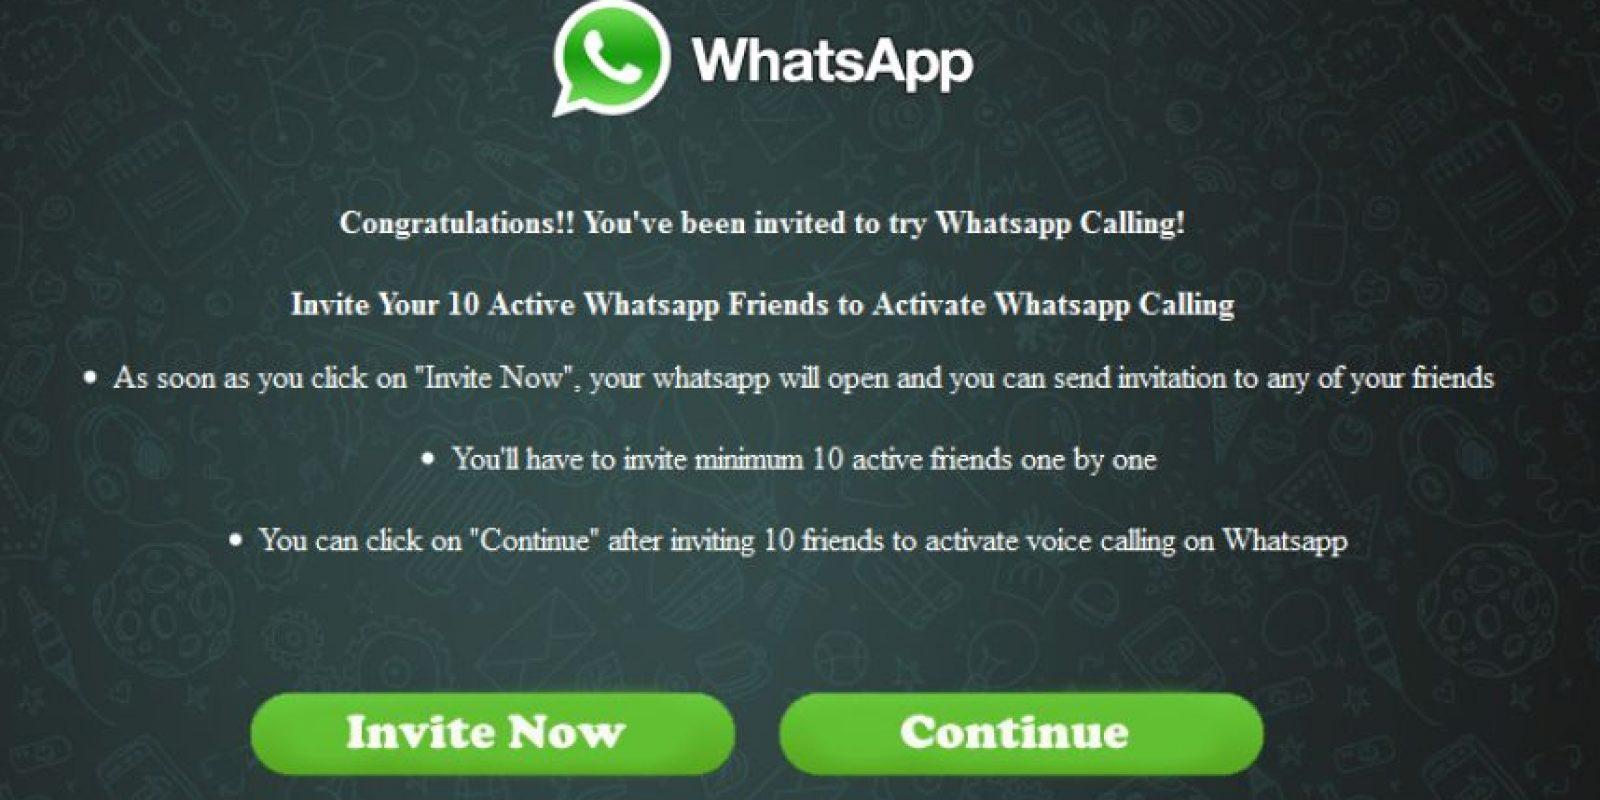 También, muchas páginas estafaron a los usuarios con la promesa de activarles la función si cooperaban o donaban dinero Foto:WhatsApp Scam